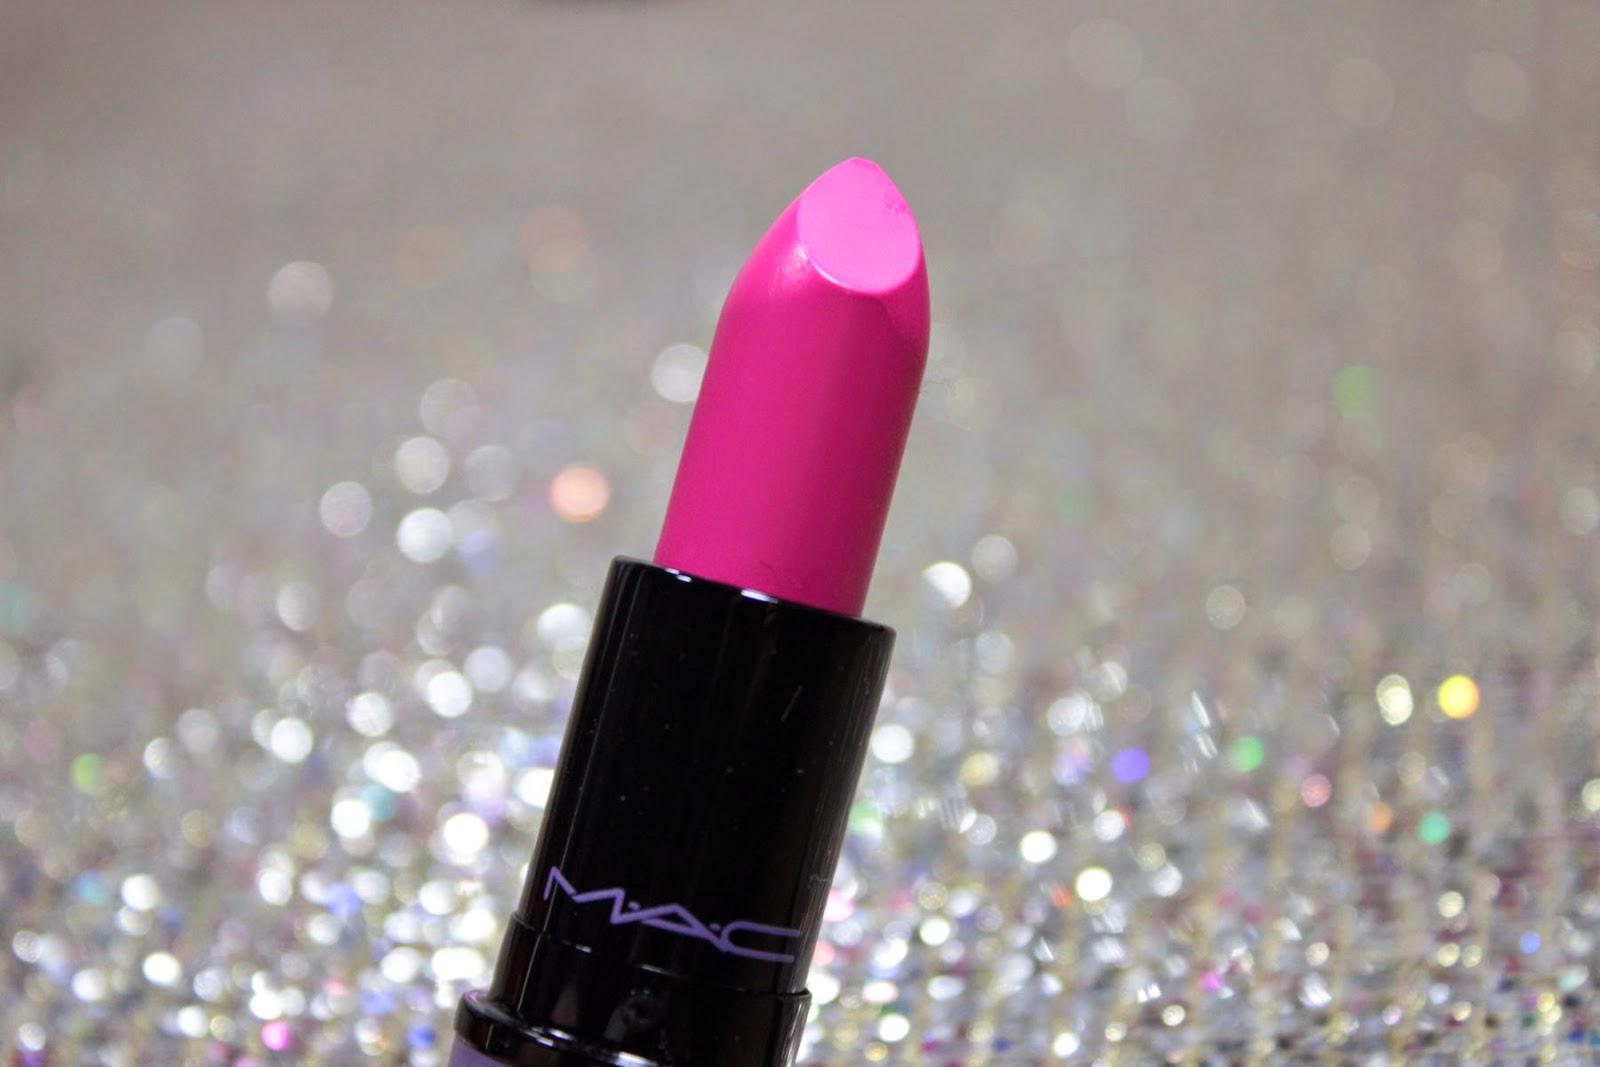 kelly osbourn, coleção, edição limitada, mac, batom, batom da mac, lançamento, ebay, comprey no ebay, swatche, candy yum-yum, comparação, pink, batom pink